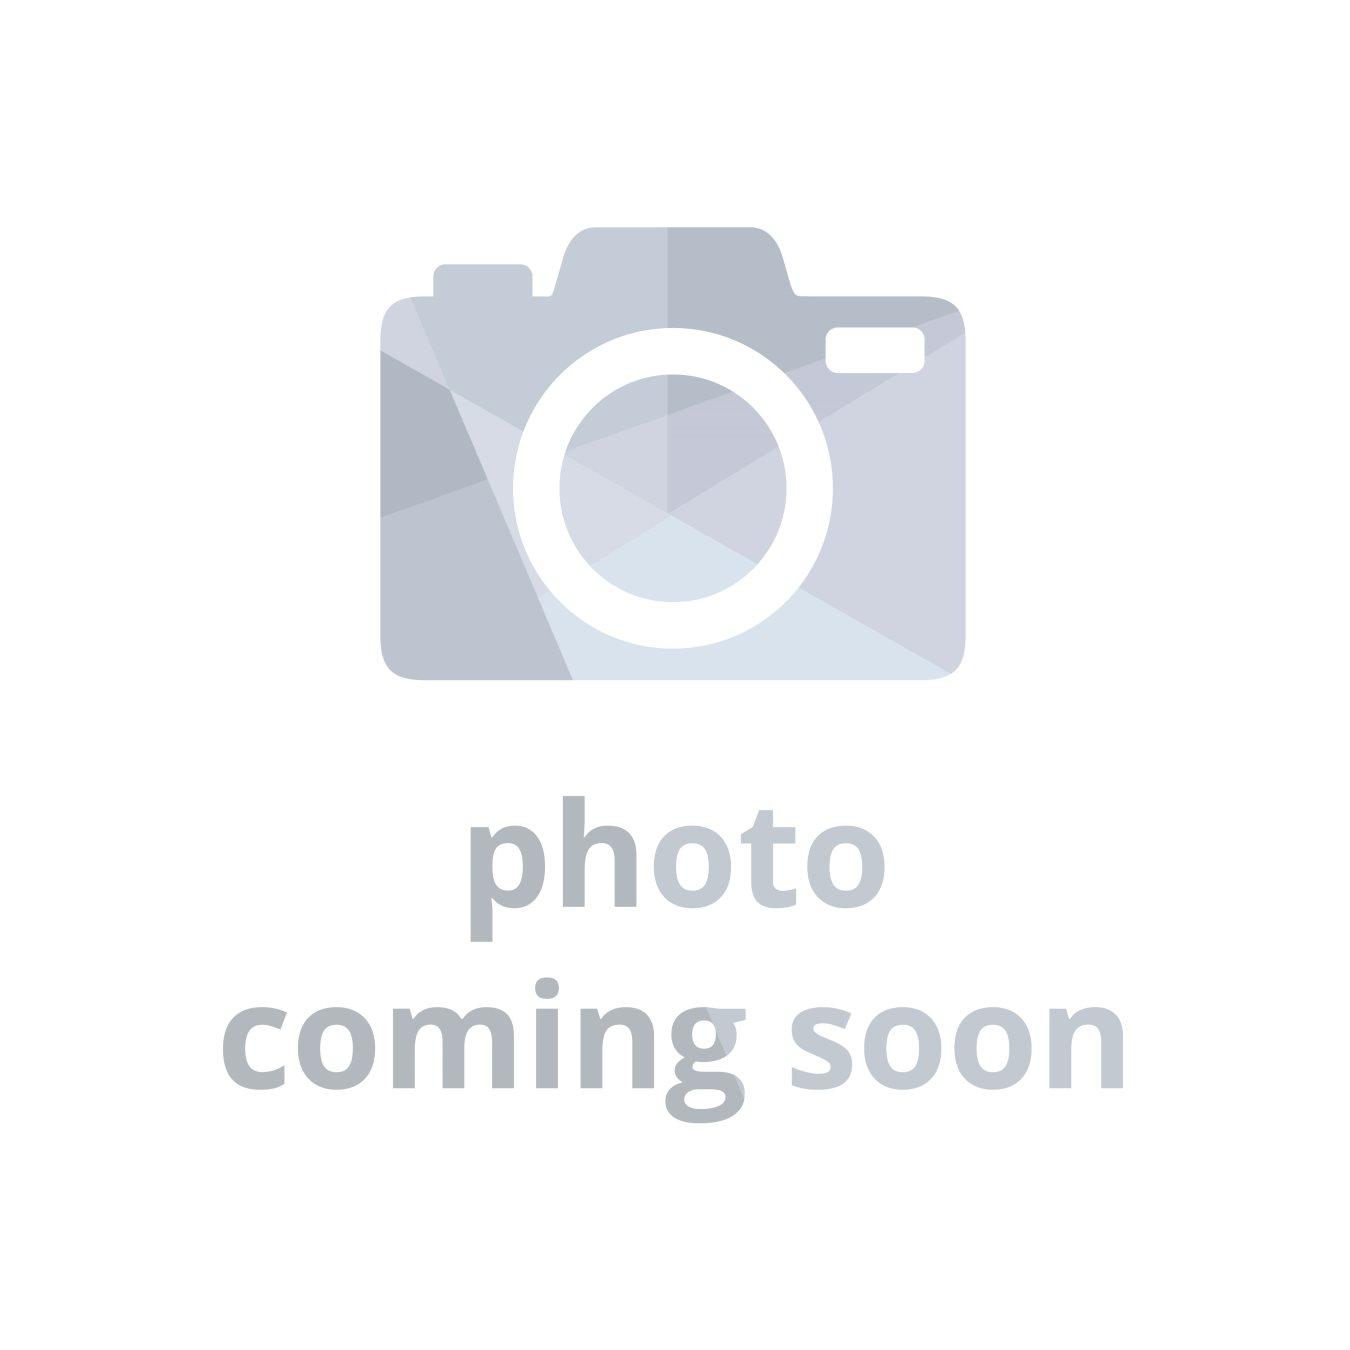 GetfileIdContentUpload5cRecipeMainPhoto5c38d30864-6e03-47d4-a146-eef371842762